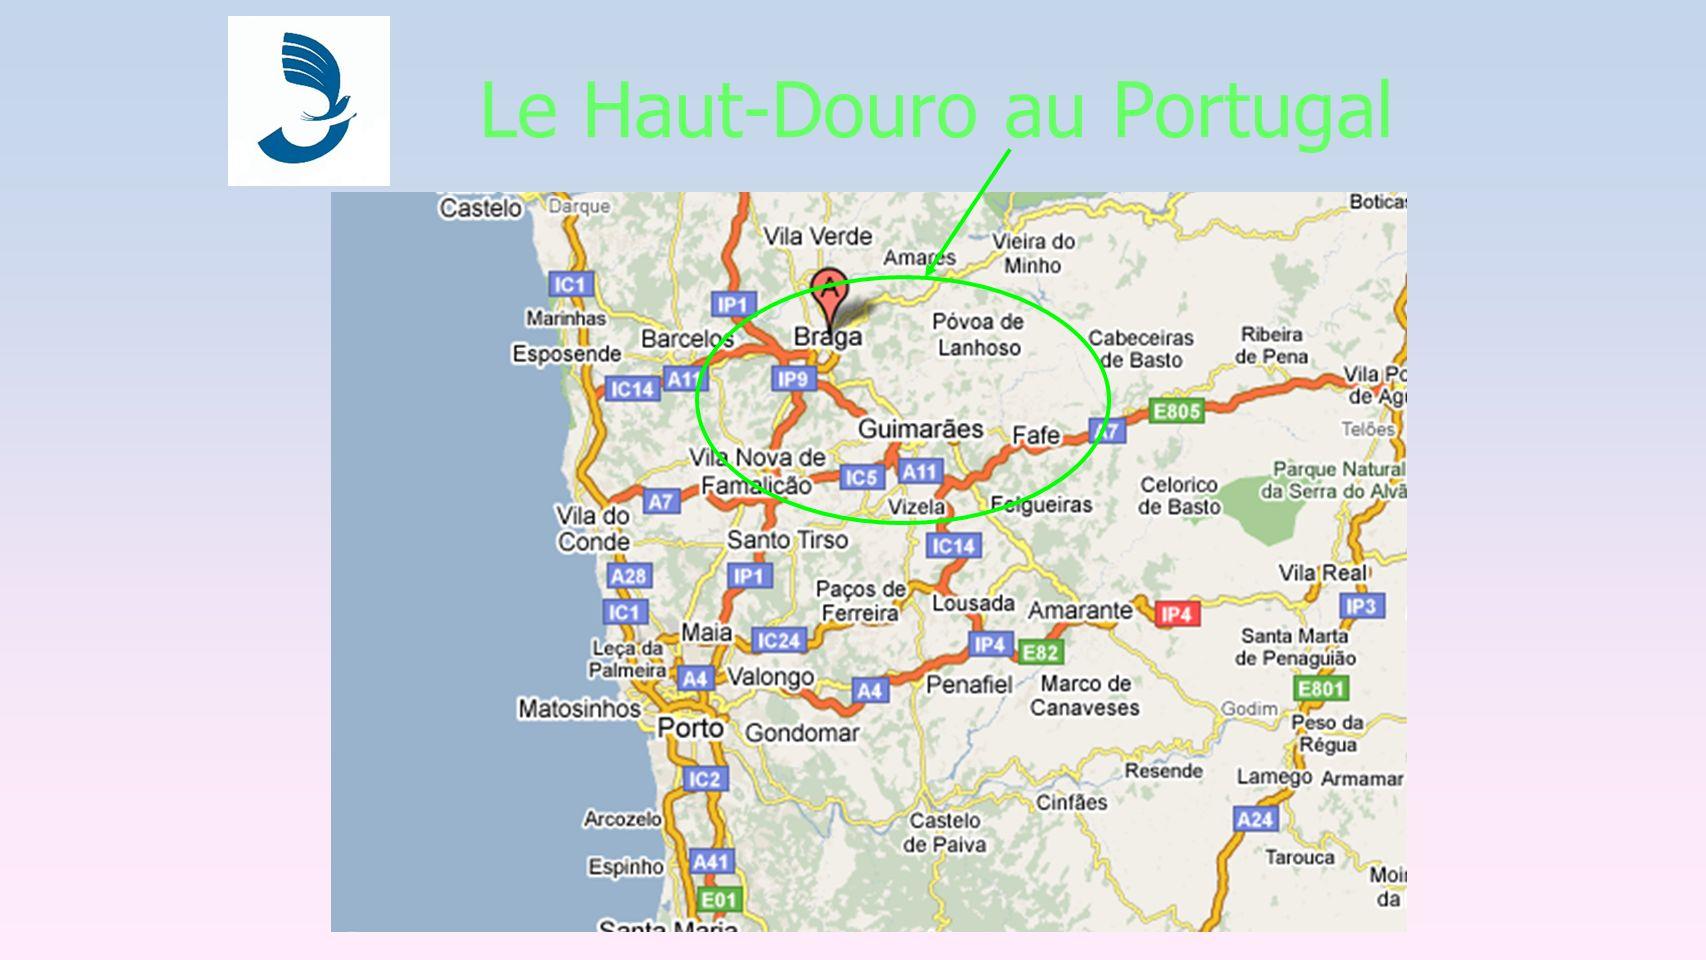 Le Haut-Douro au Portugal